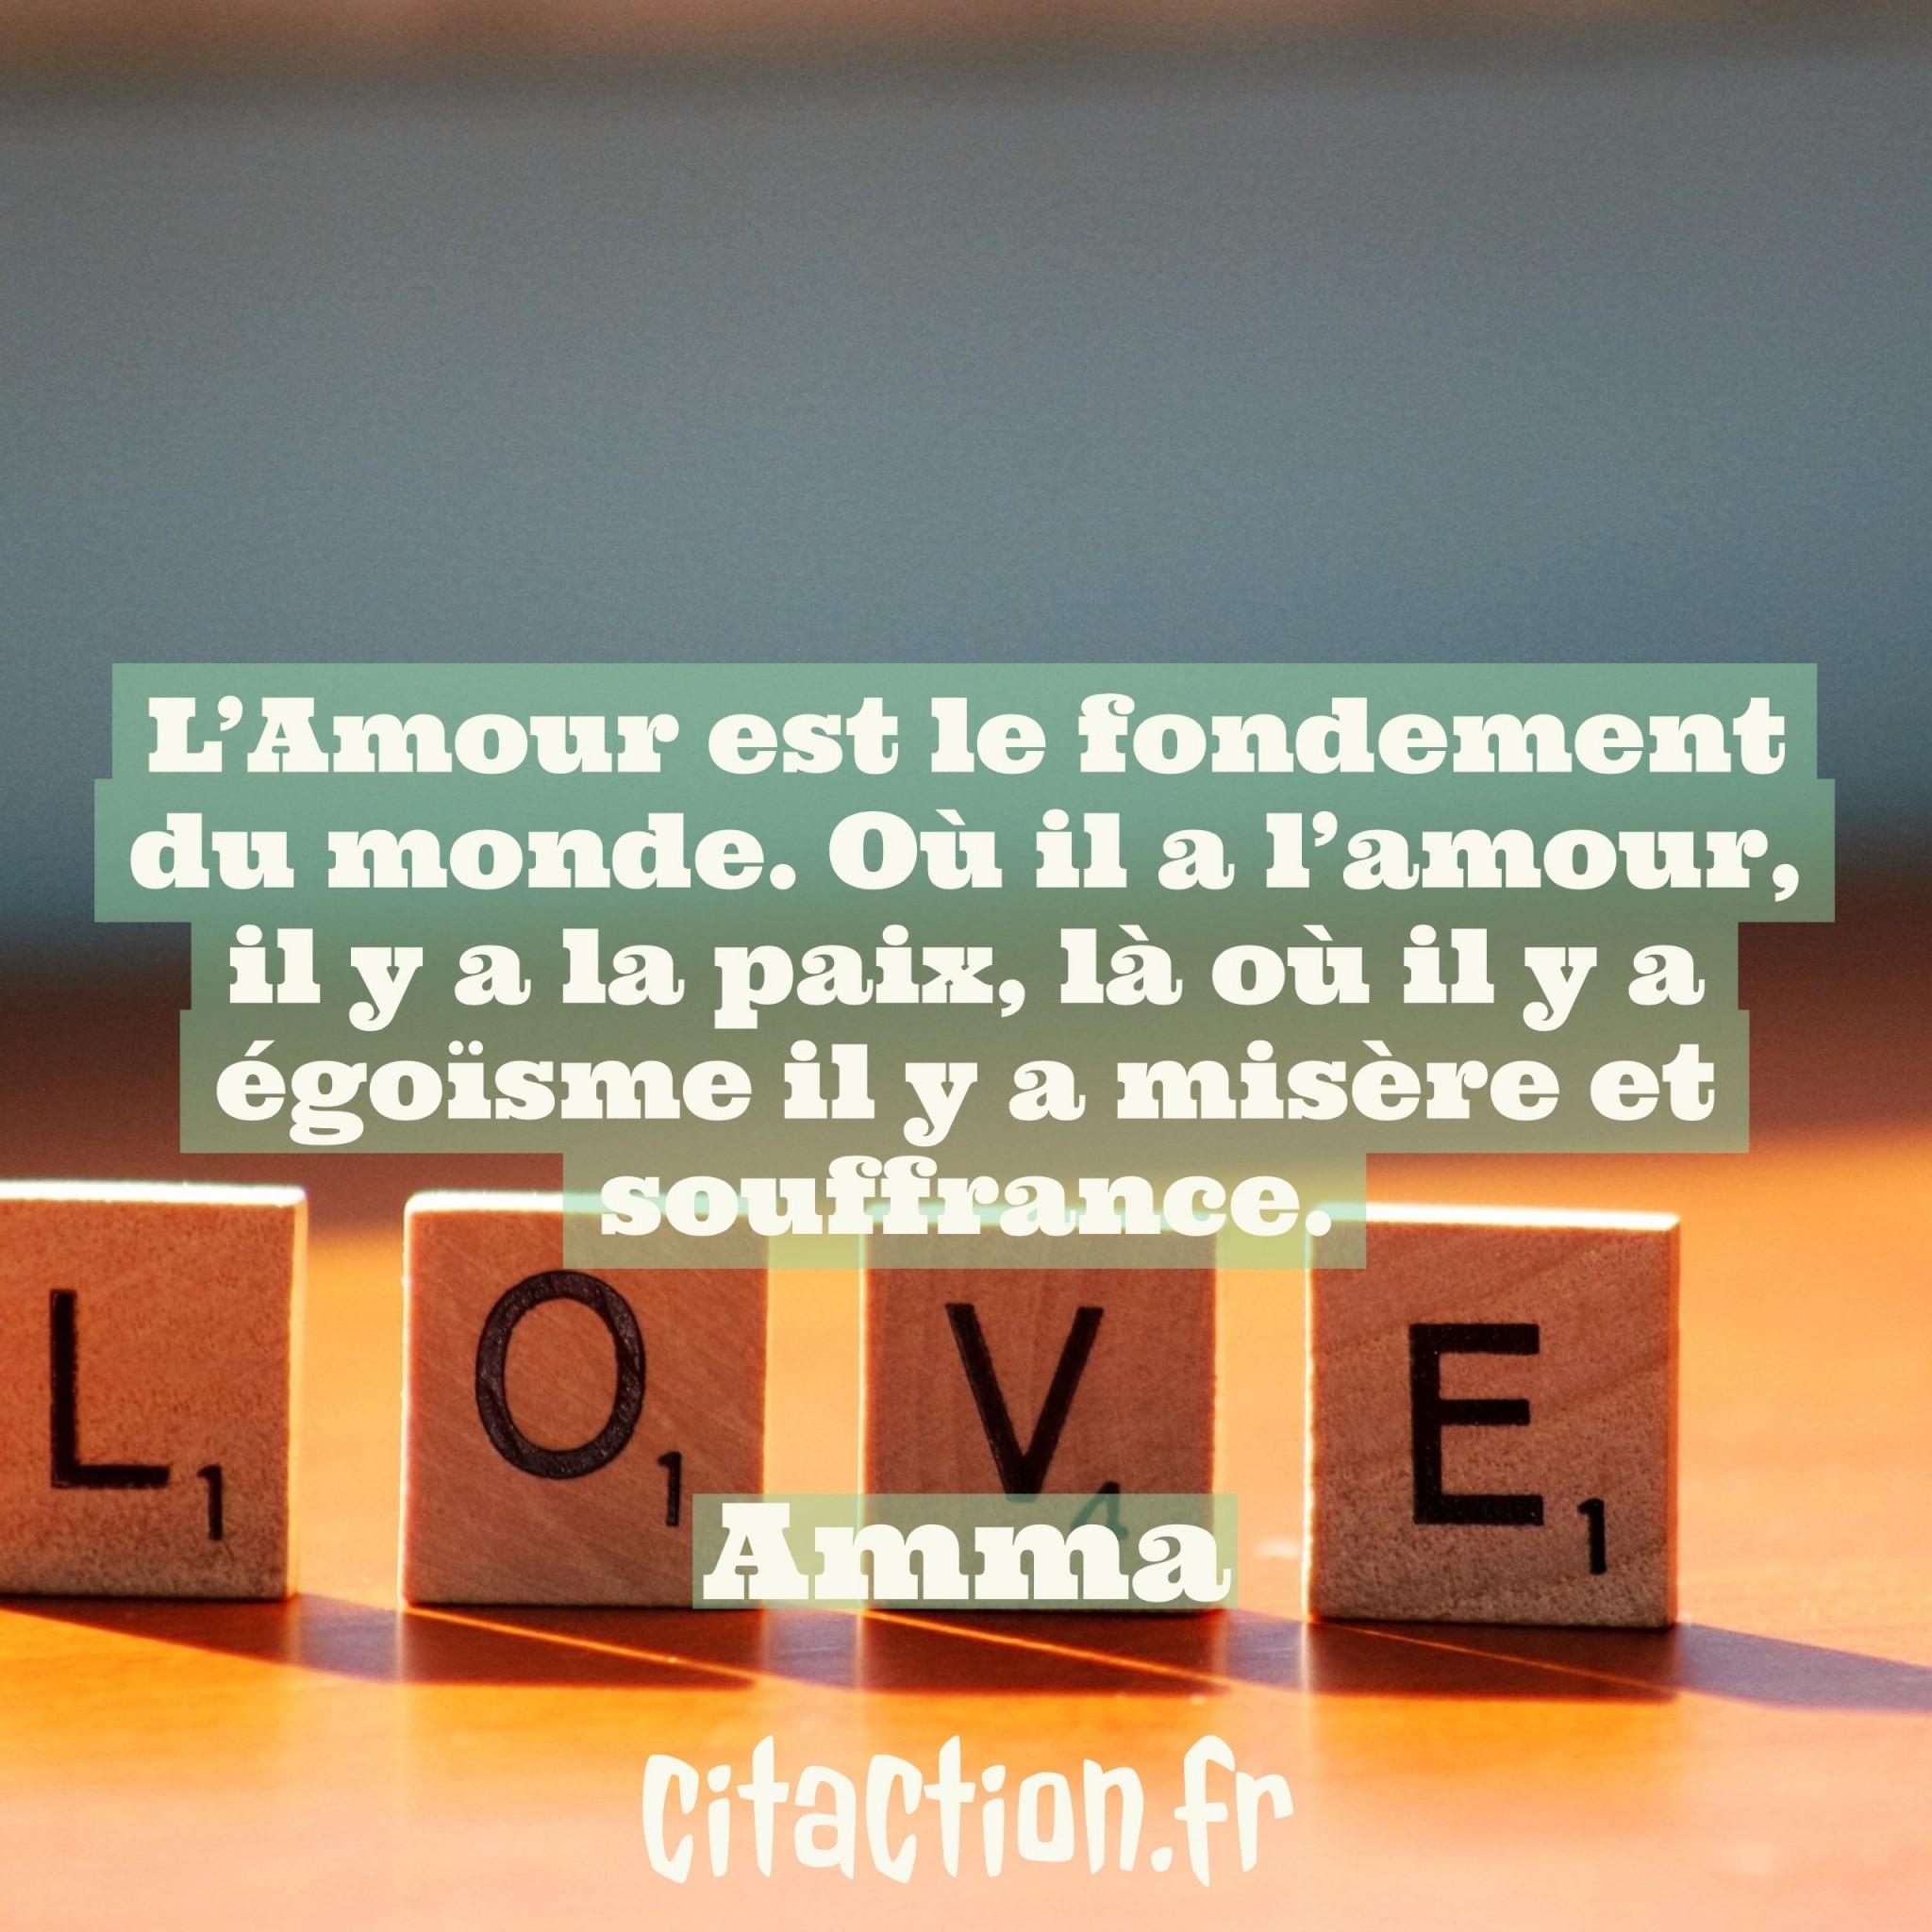 L'Amour est le fondement du monde. Où il a l'amour, il y a la paix, là où il y a égoïsme il y a misère et souffrance.